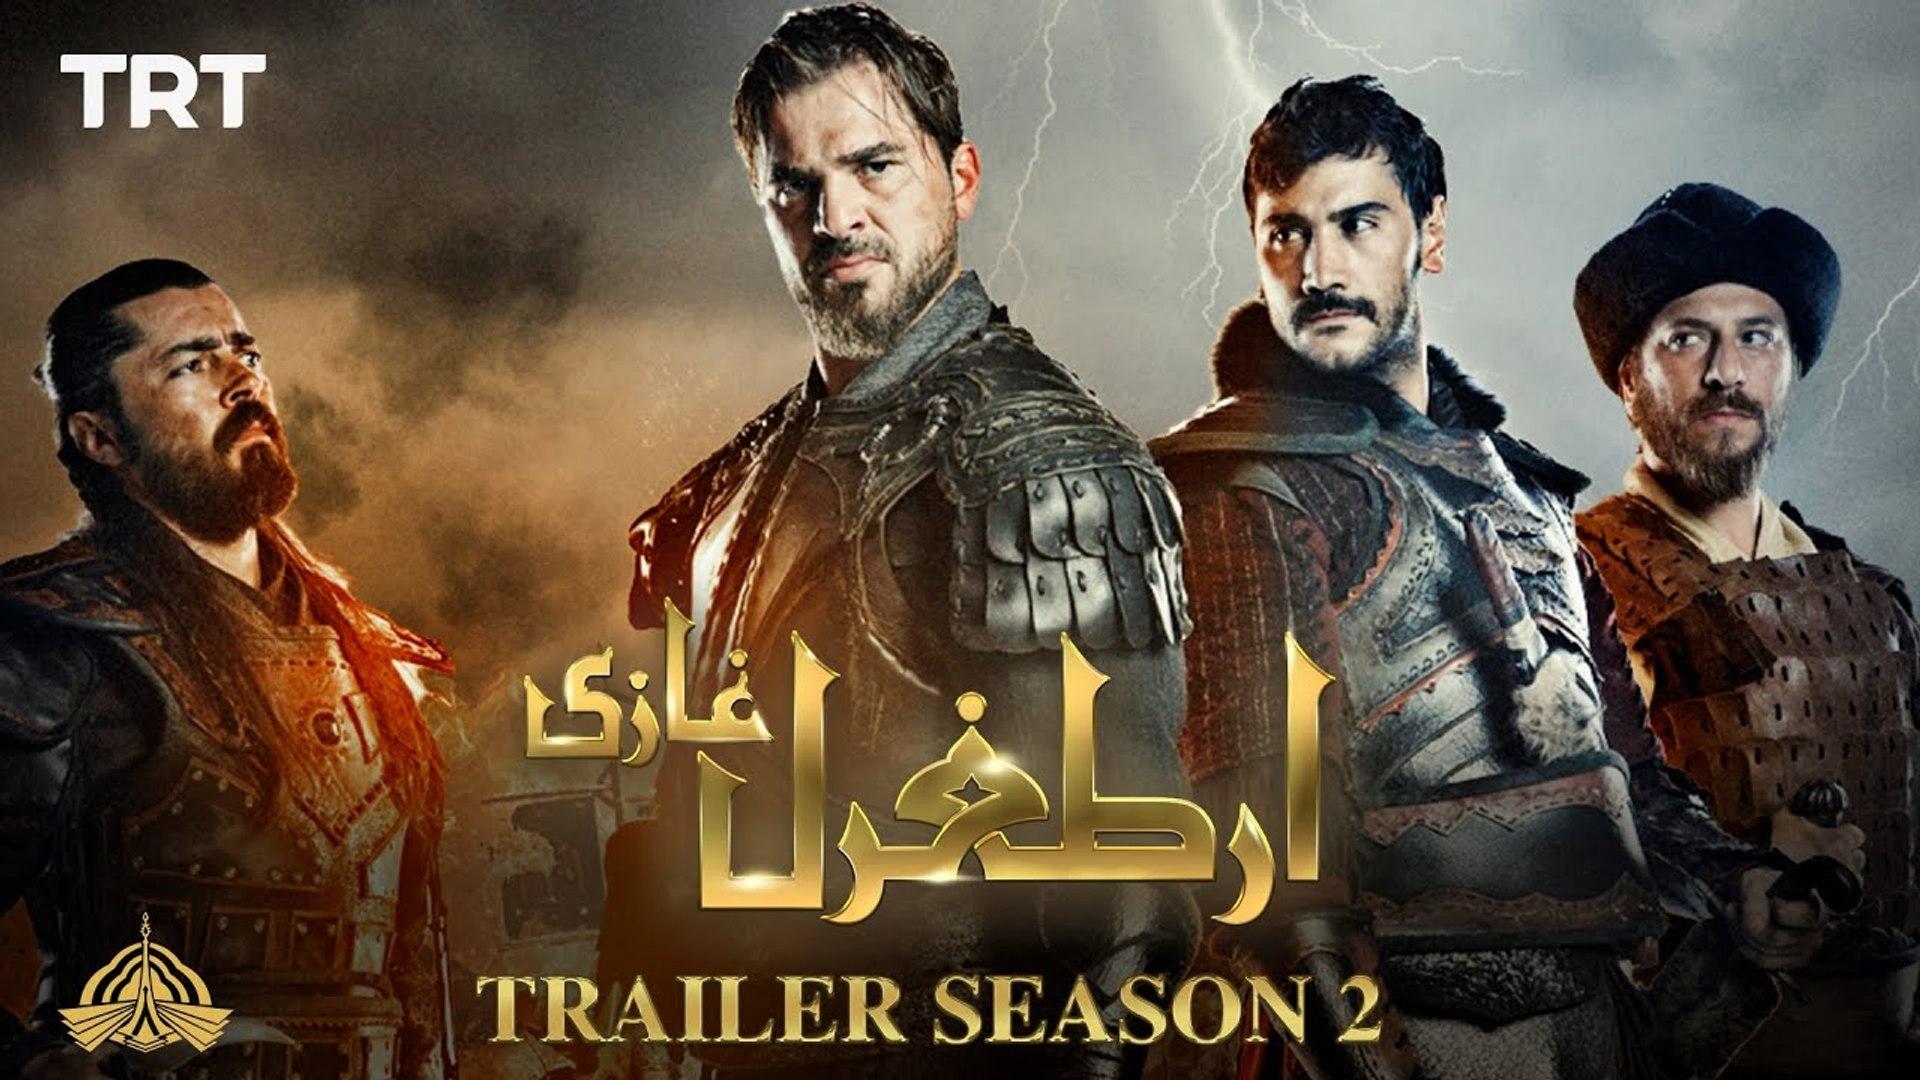 Ertugrul Ghazi - Trailer - Season 2